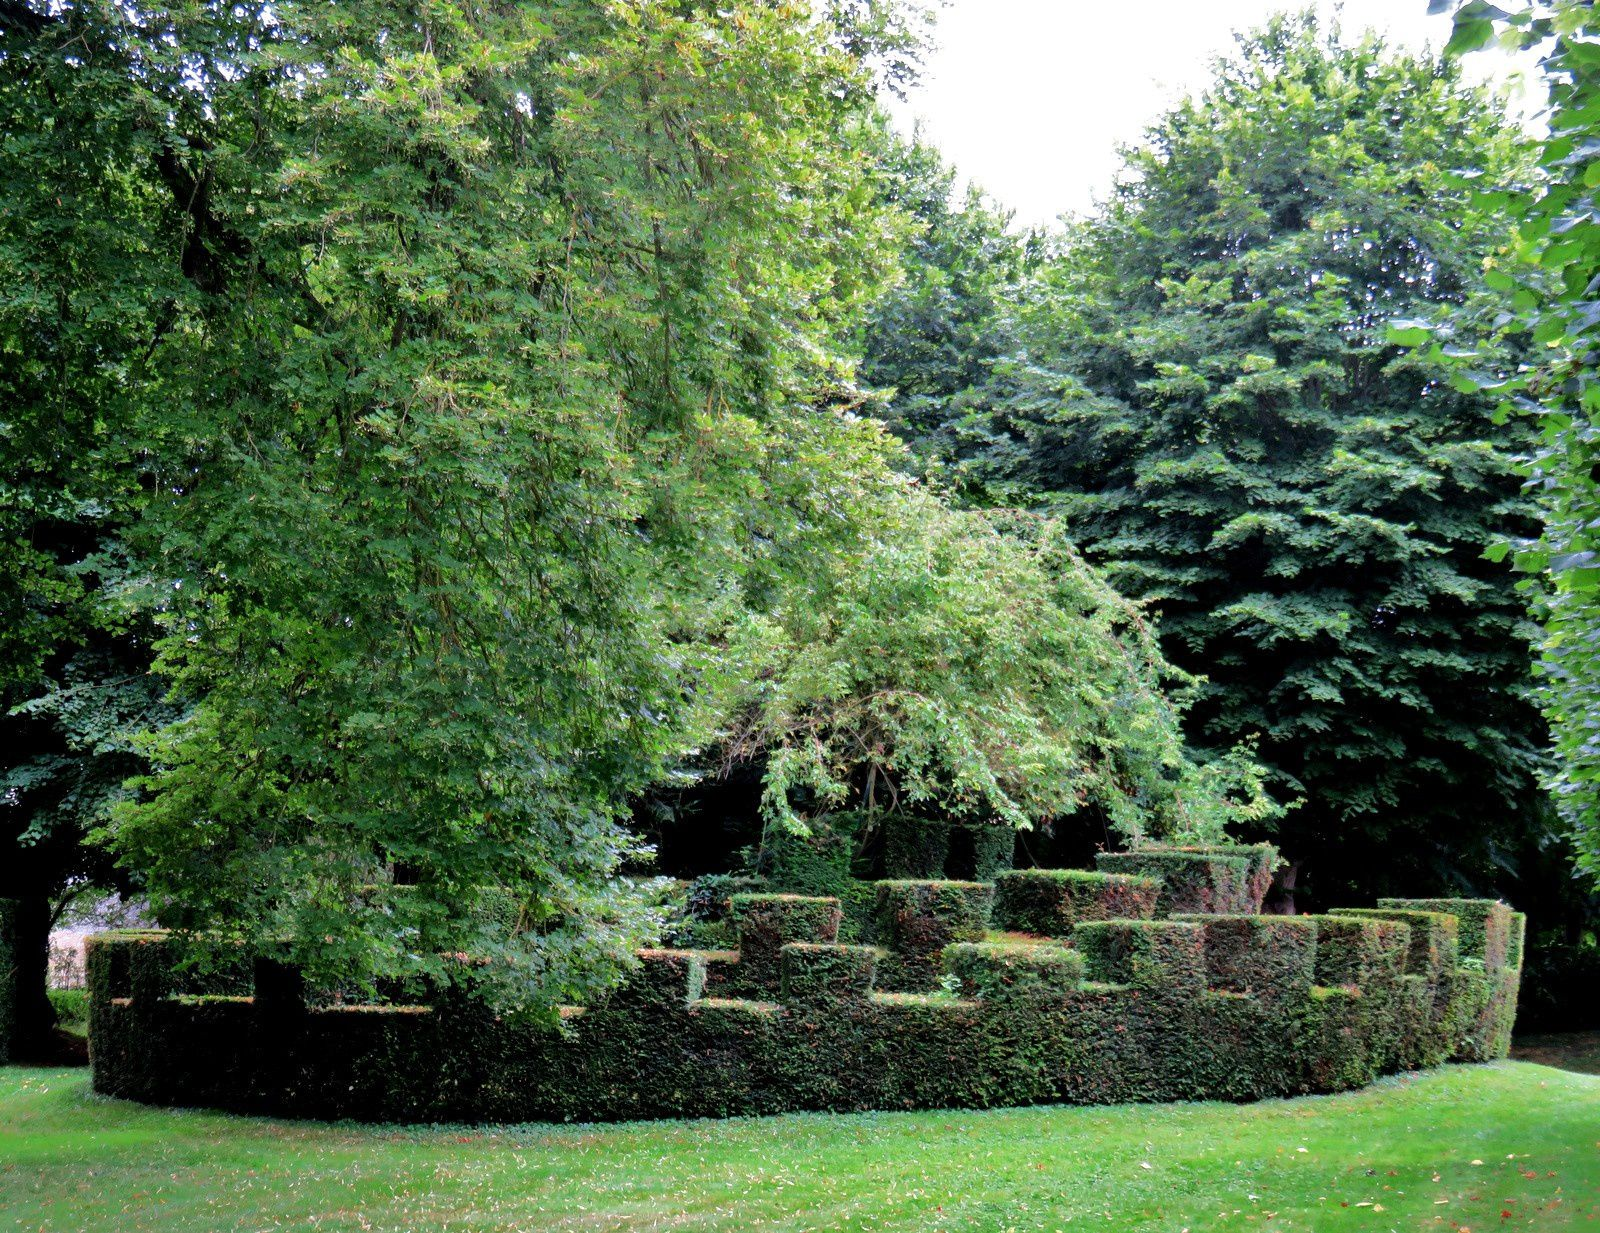 Château de Vendeuvre, l'art topiaire dans les jardins